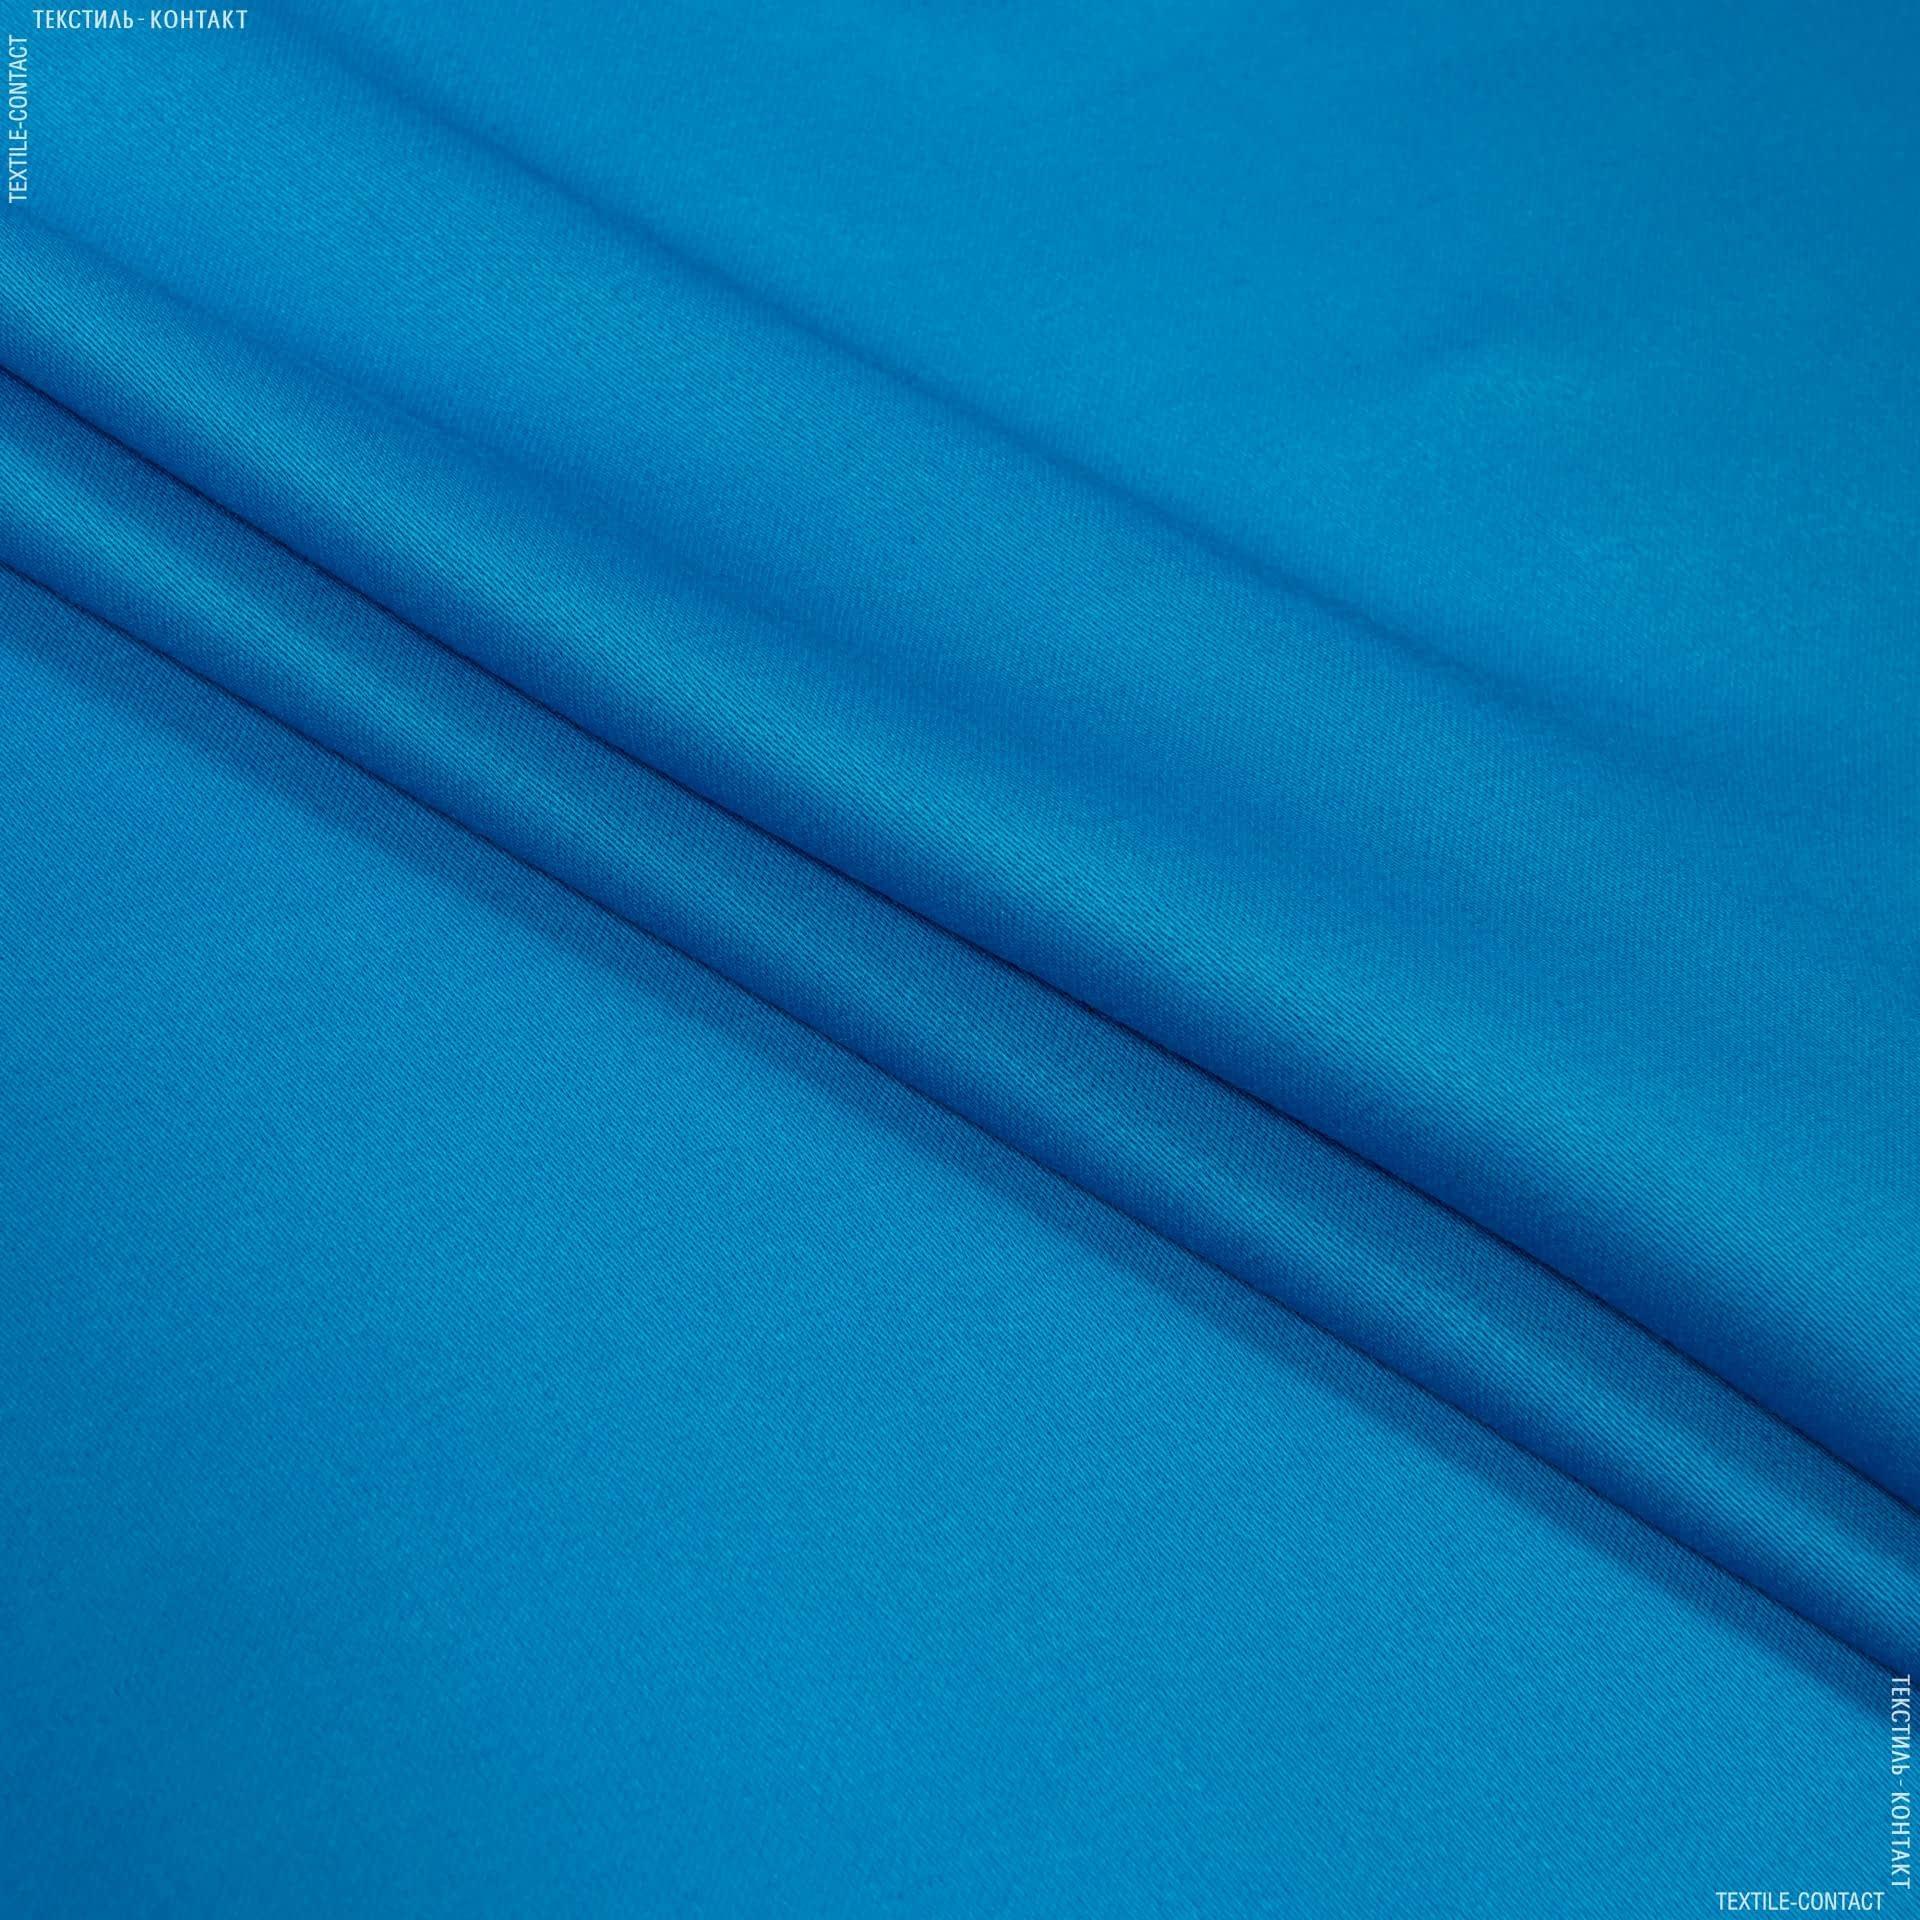 Тканини для суконь - Костюмний сатин темно-блакитний